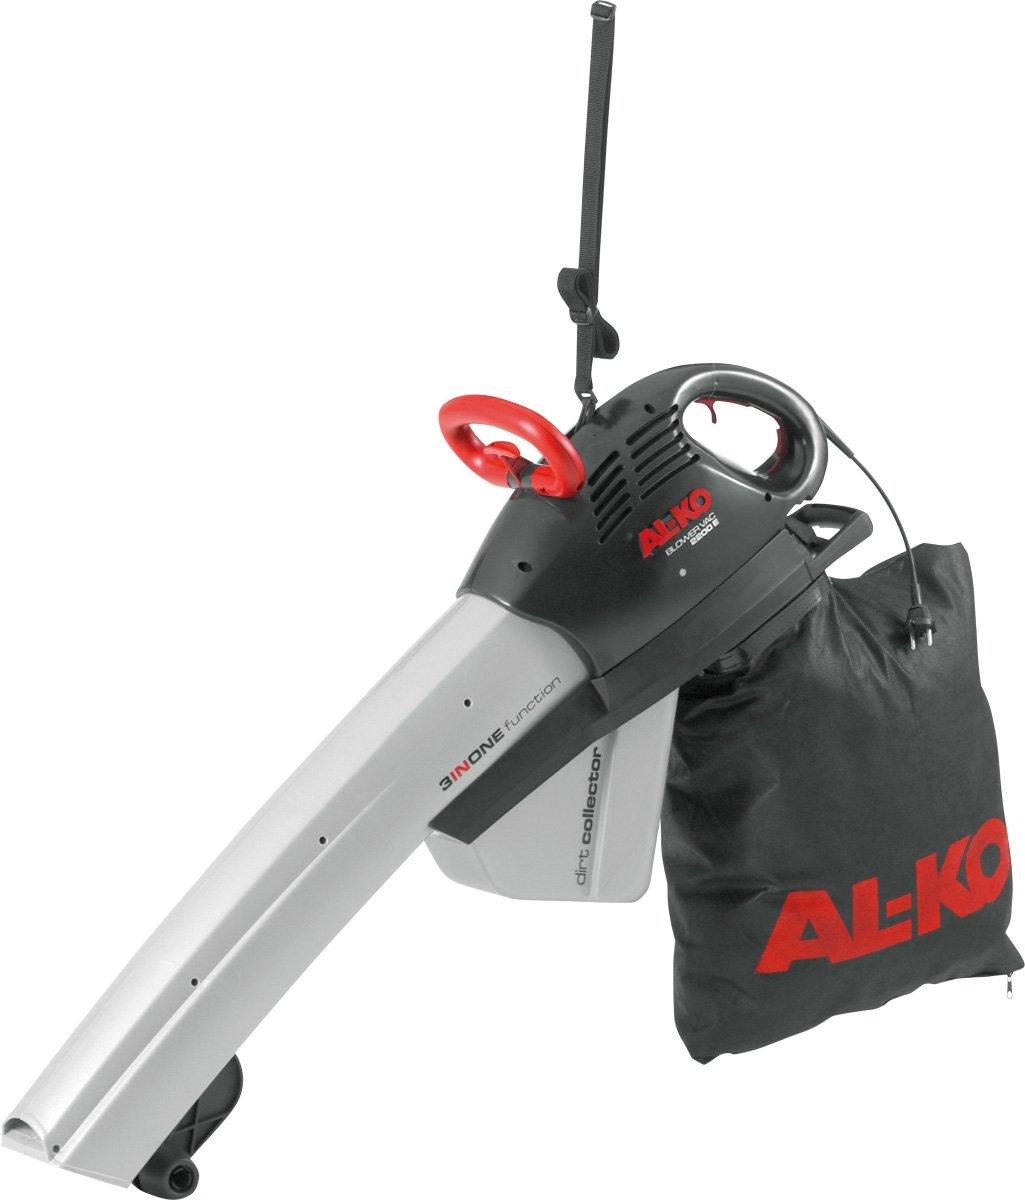 ALKO 112728 Blower Vac 2200 E ElektroLaubsauger  BaumarktÜberprüfung und weitere Informationen